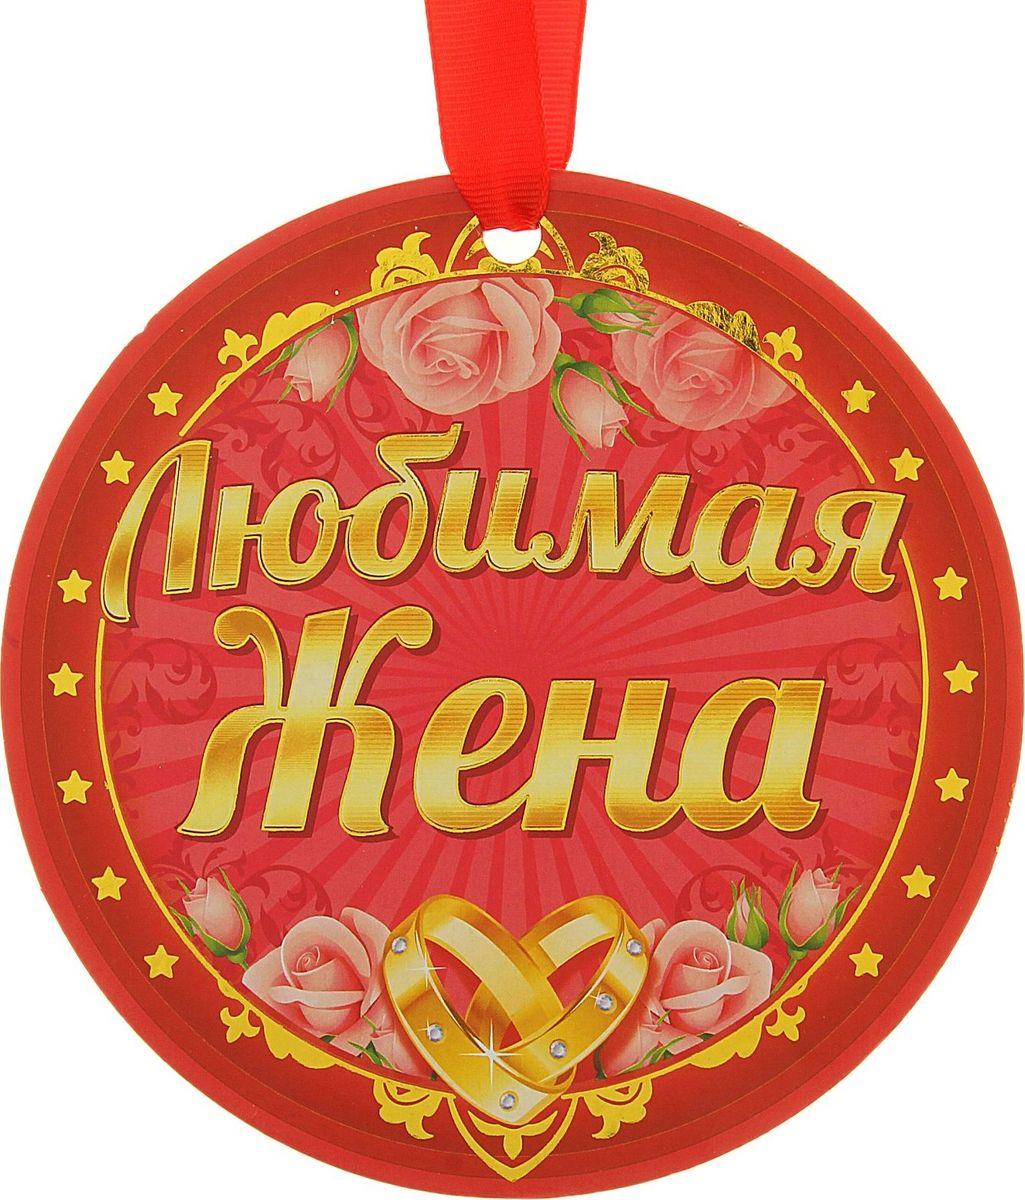 Медаль сувенирная Любимая жена, диаметр 14 см116659Когда на носу торжественное событие, так хочется окружить себя яркими красками и счастливыми улыбками! Порадуйте своих близких и родных самой эффектной и позитивной наградой, которую уж точно будет видно издалека! Медаль - гигант Любимая жена с ярким дизайном, изготовленная из плотного картона, радует глаз своим внушительным размером. На оборотной стороне медали вы найдете позитивный слова о том, чем же отличился именно этот человек! Такая яркая награда обязательно придется по вкусу тому, кто любит быть в центре внимания. Огромный выбор разных титулов и доступная цена позволят вам использовать медали как призы в конкурсных программах или просто порадовать всех гостей праздника. Будь то шумная свадьба, День Рождения или торжественный Юбилей – медаль станет отличным дополнением к атмосфере праздника и всеобщего веселья!